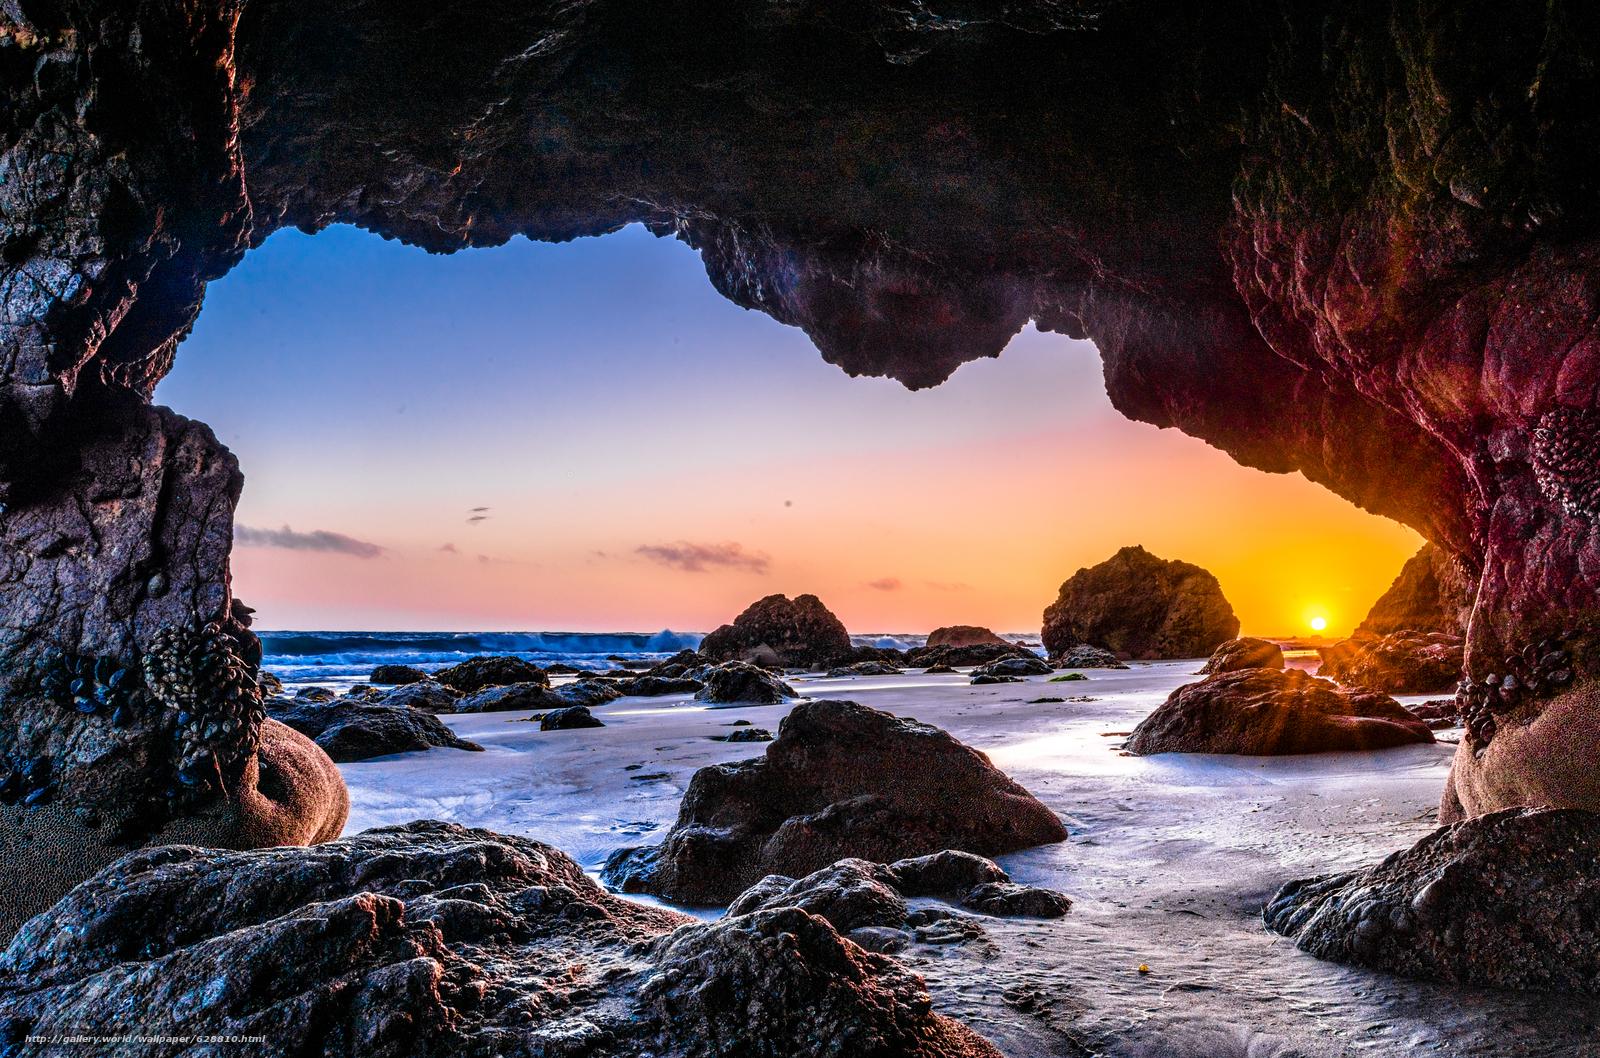 p?r do sol, mar, Rochas, Malibu, arco, paisagem